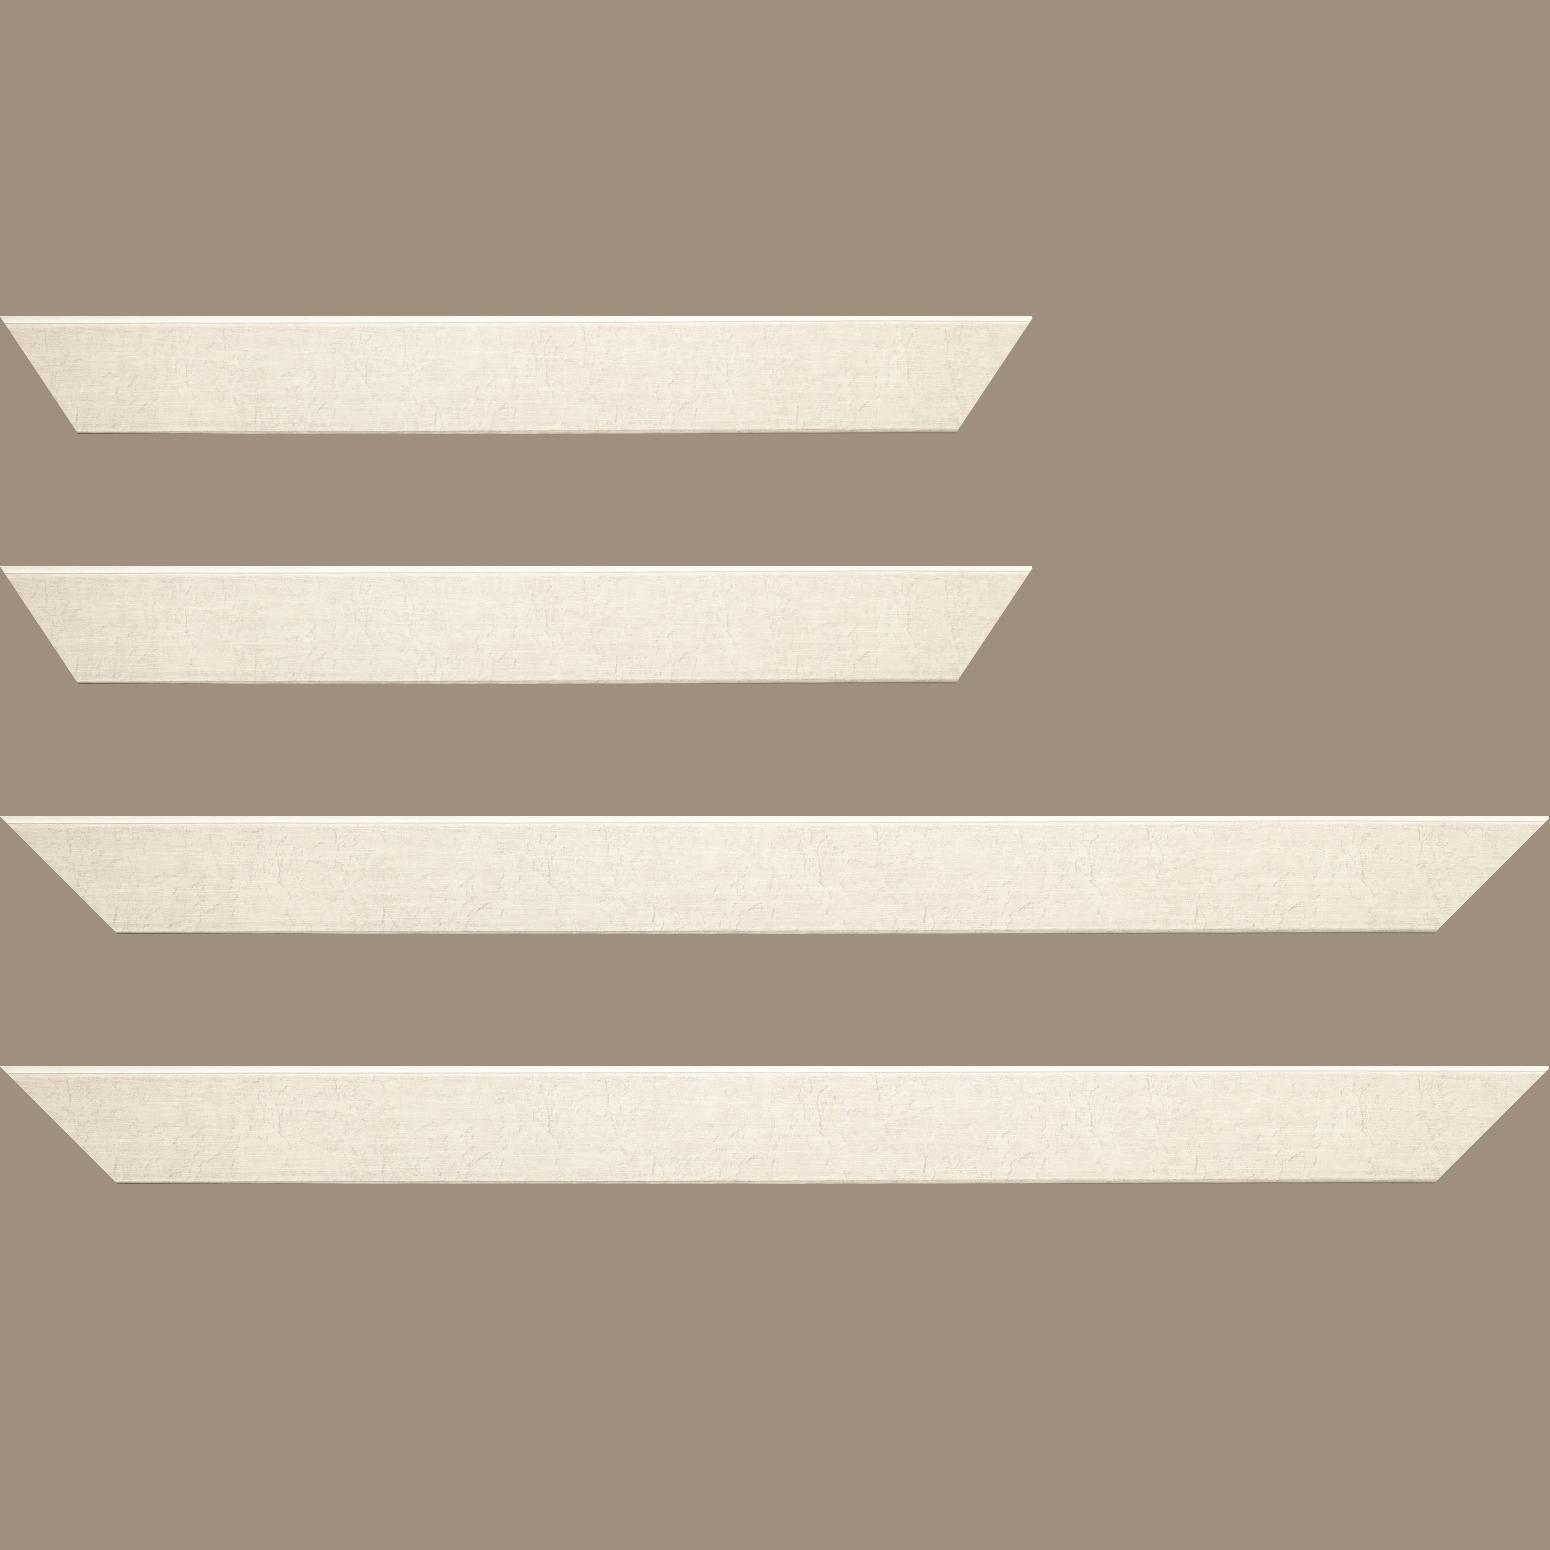 Baguette service précoupé bois profil plat incliné largeur 3.7cm couleur blanc effet ressuyé